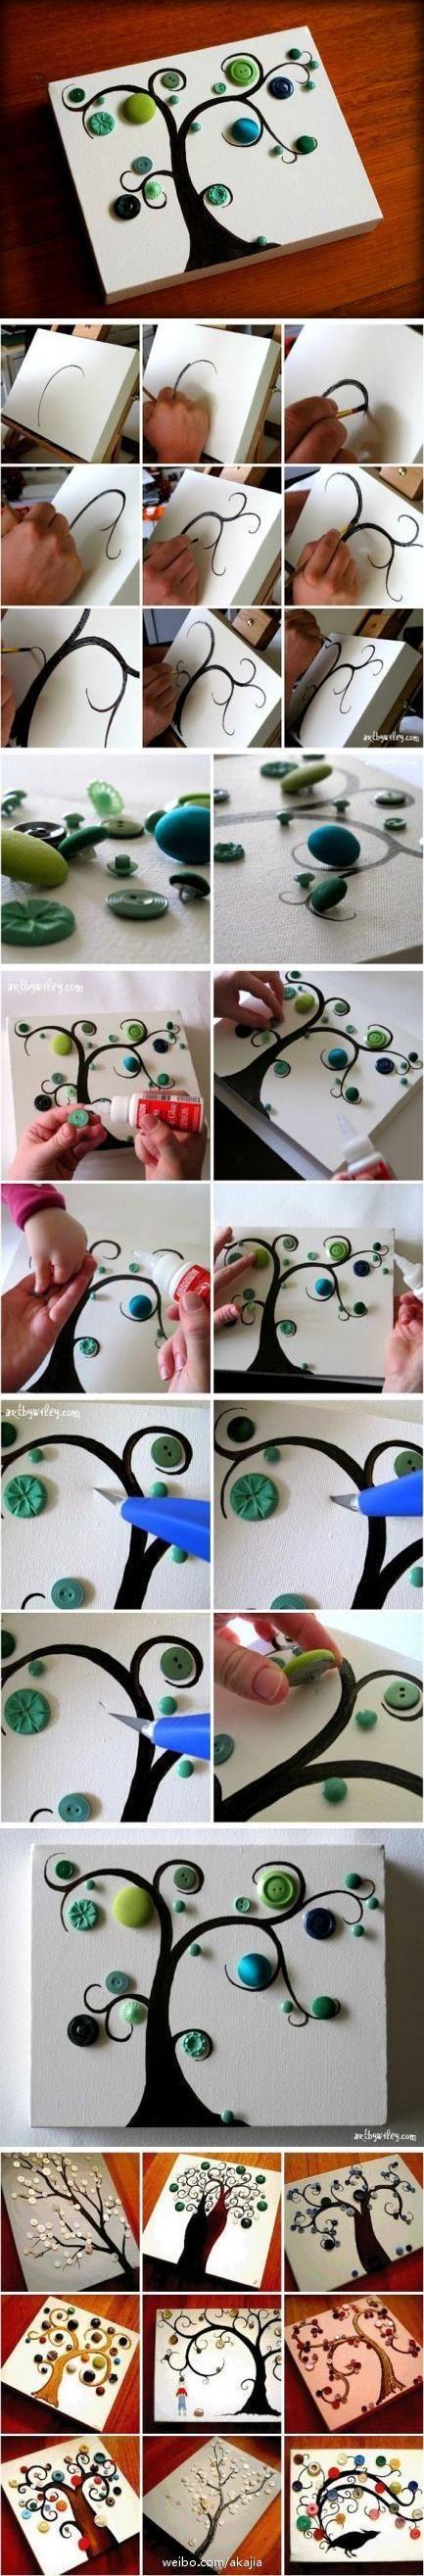 Handmade botões detalhe da árvore ilustra as etapas: a grandes jogos em família, eo bebê tem vindo a fazer a árvore de botões ~ ~ ~ lindo - Rede lições 59 Más